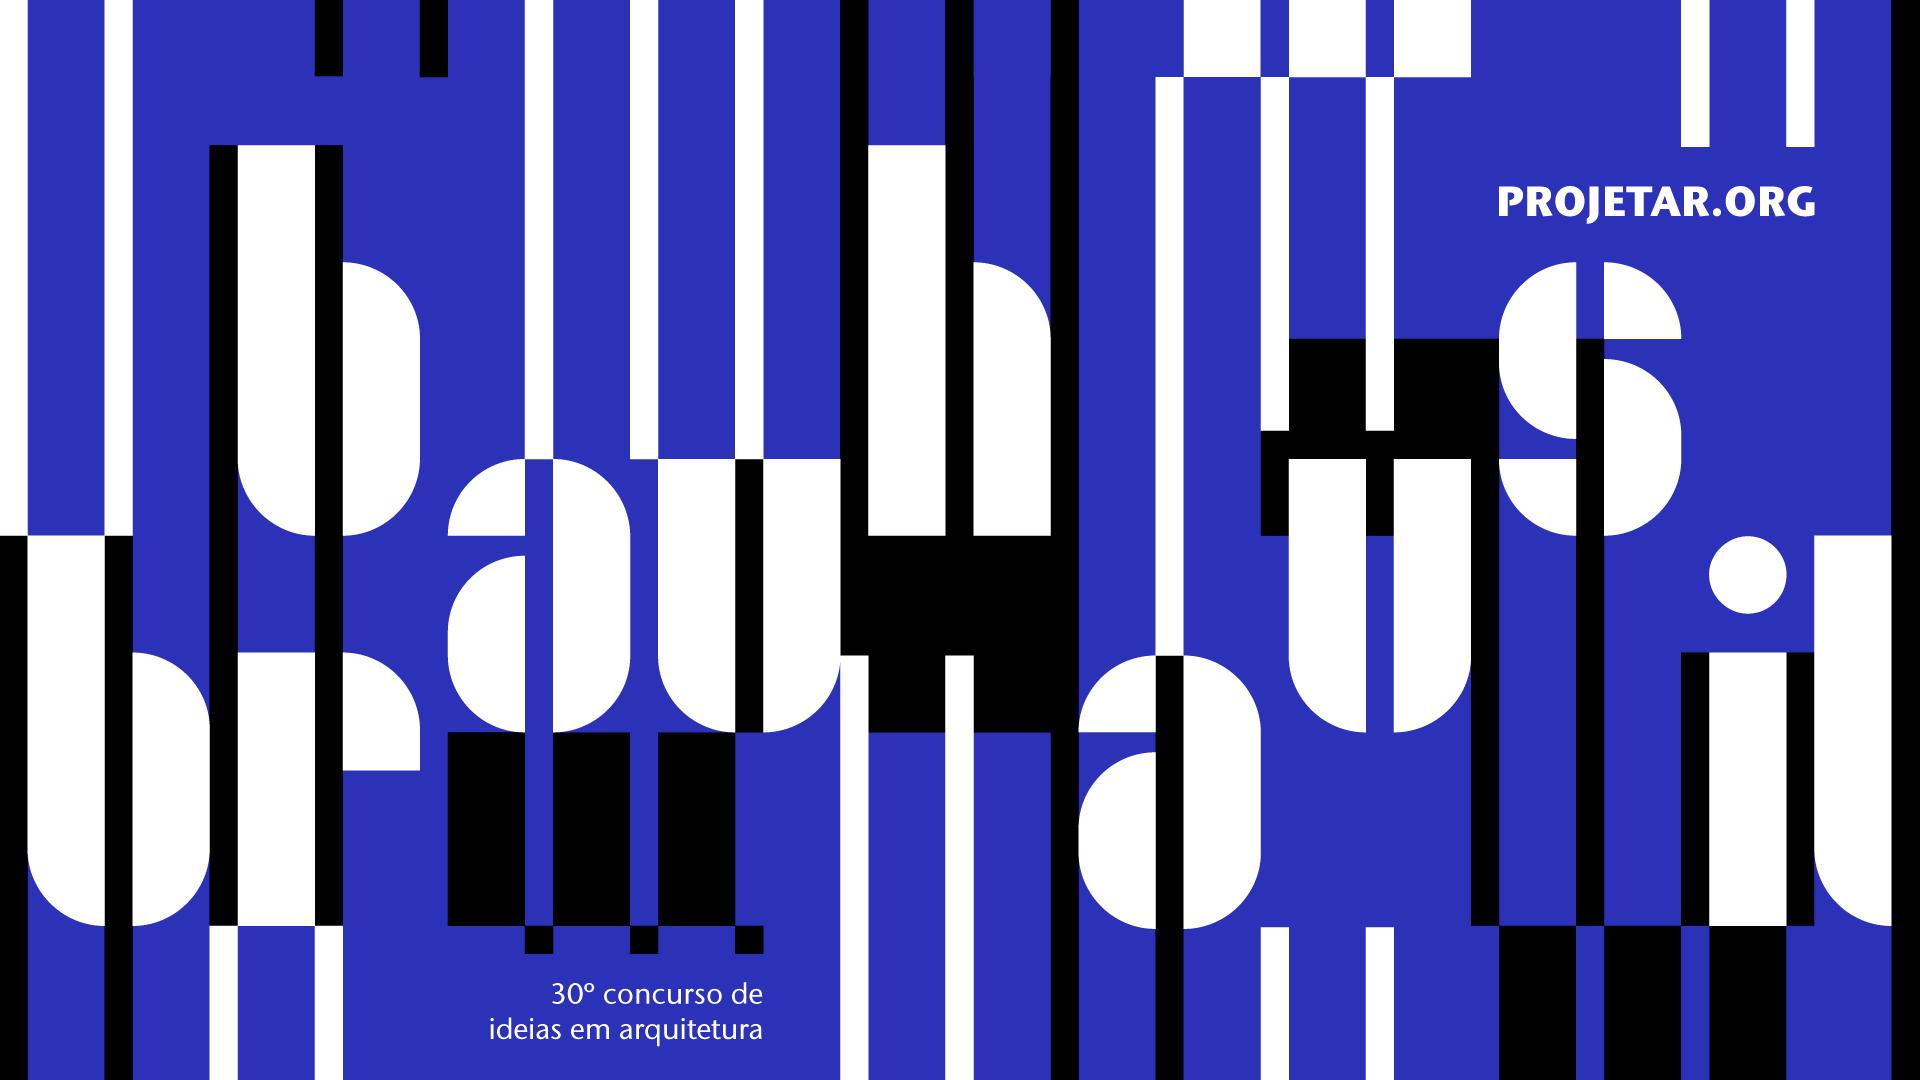 Concurso de ideias propõe um campus da Bauhaus no Brasil